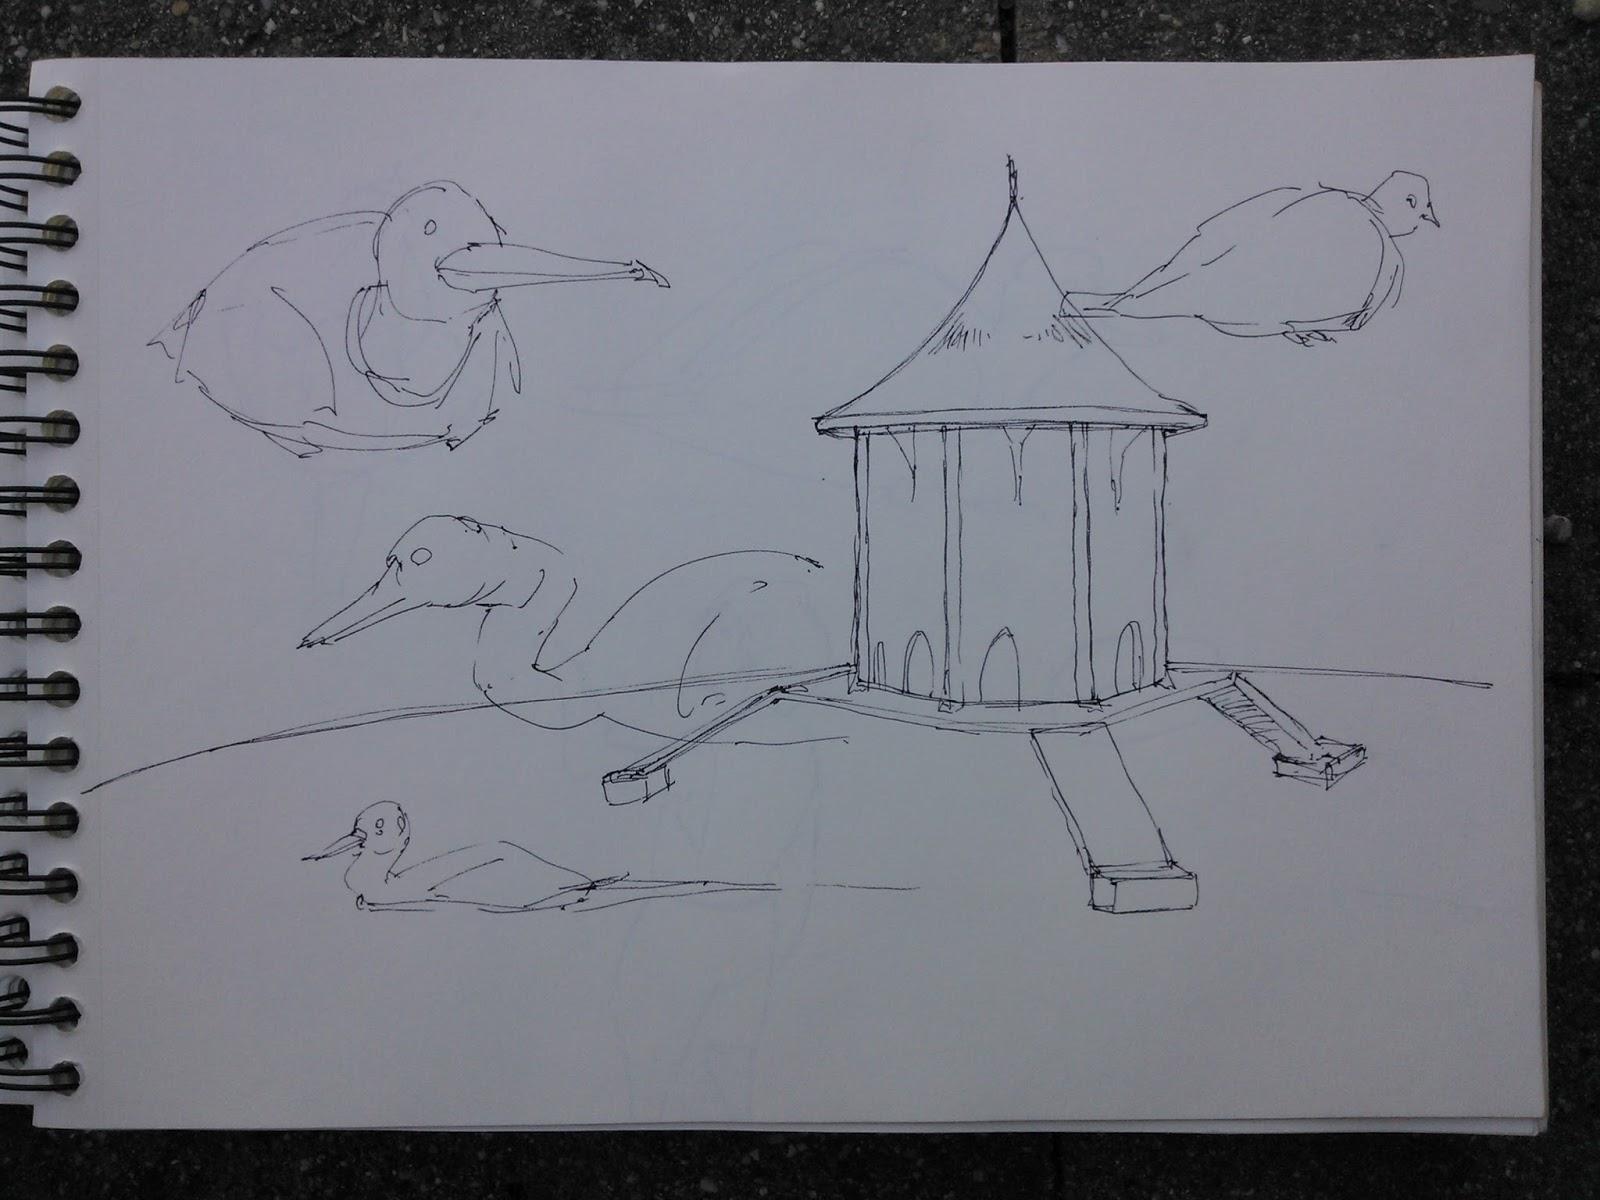 [SPOLYK] - Geometries & sketches WP_000317